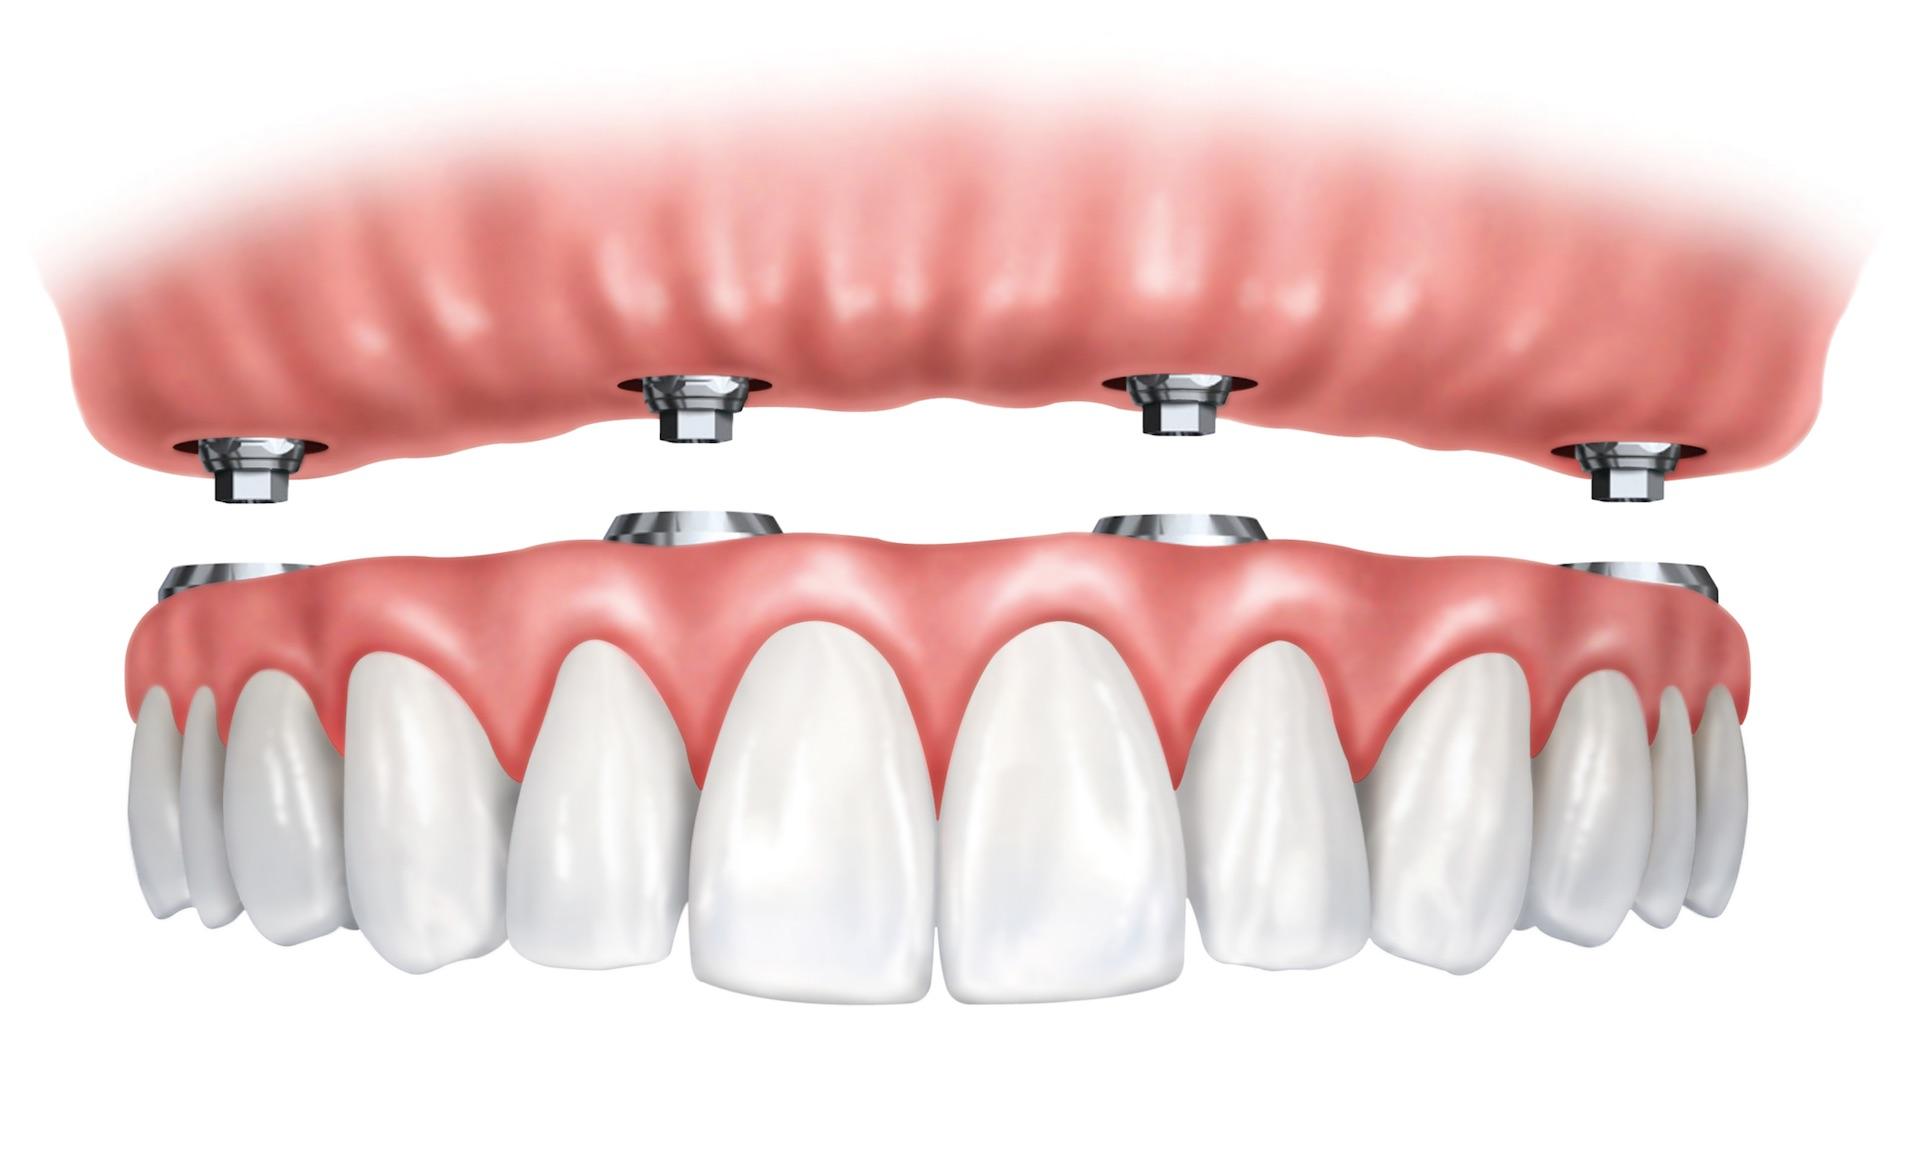 Fiksuota pasaga ant 4 implantų.